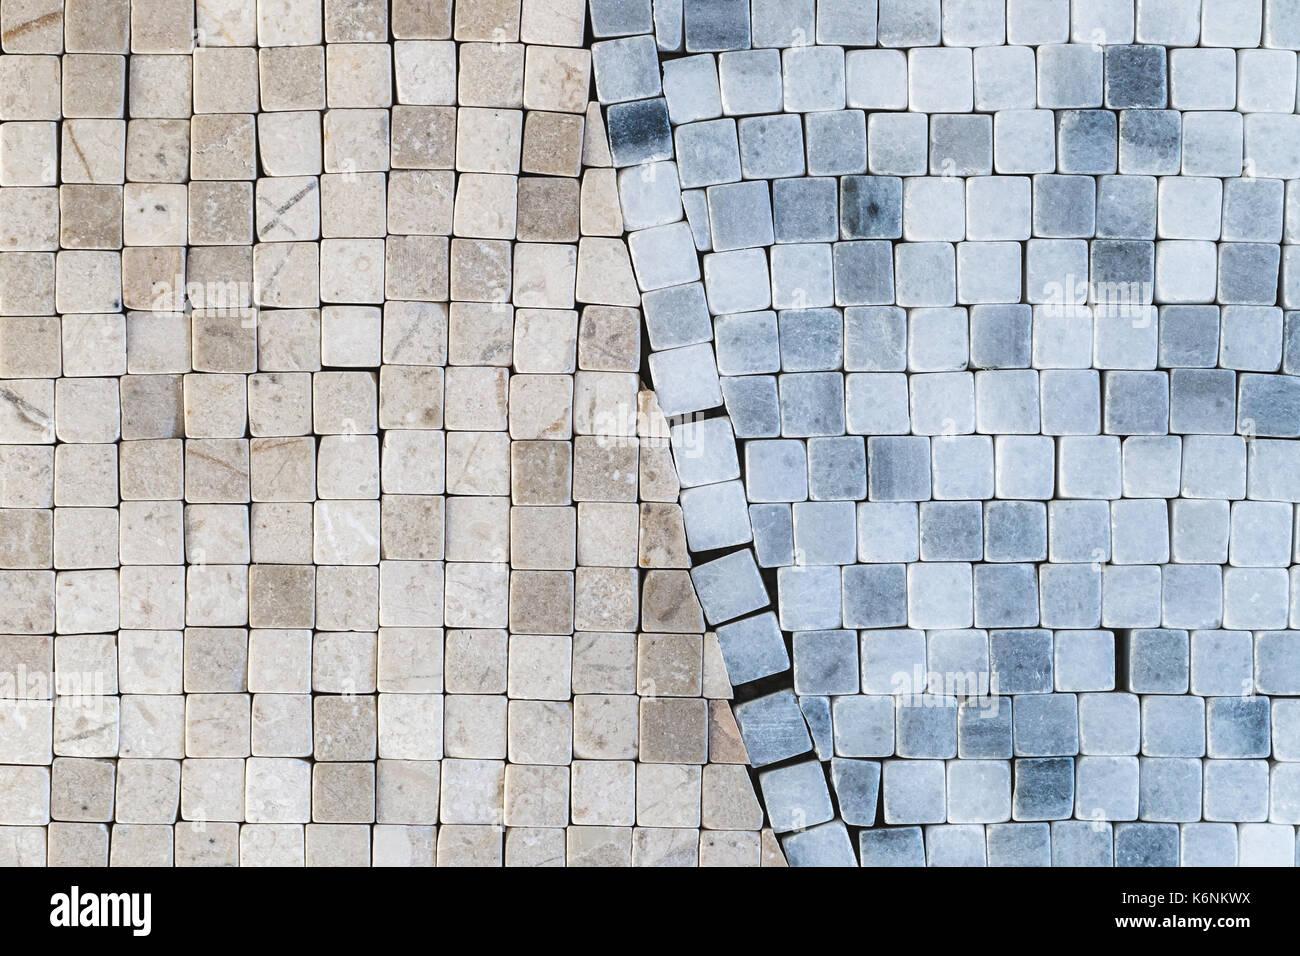 Diversi mosaico astratto parete piastrelle per pavimento foto